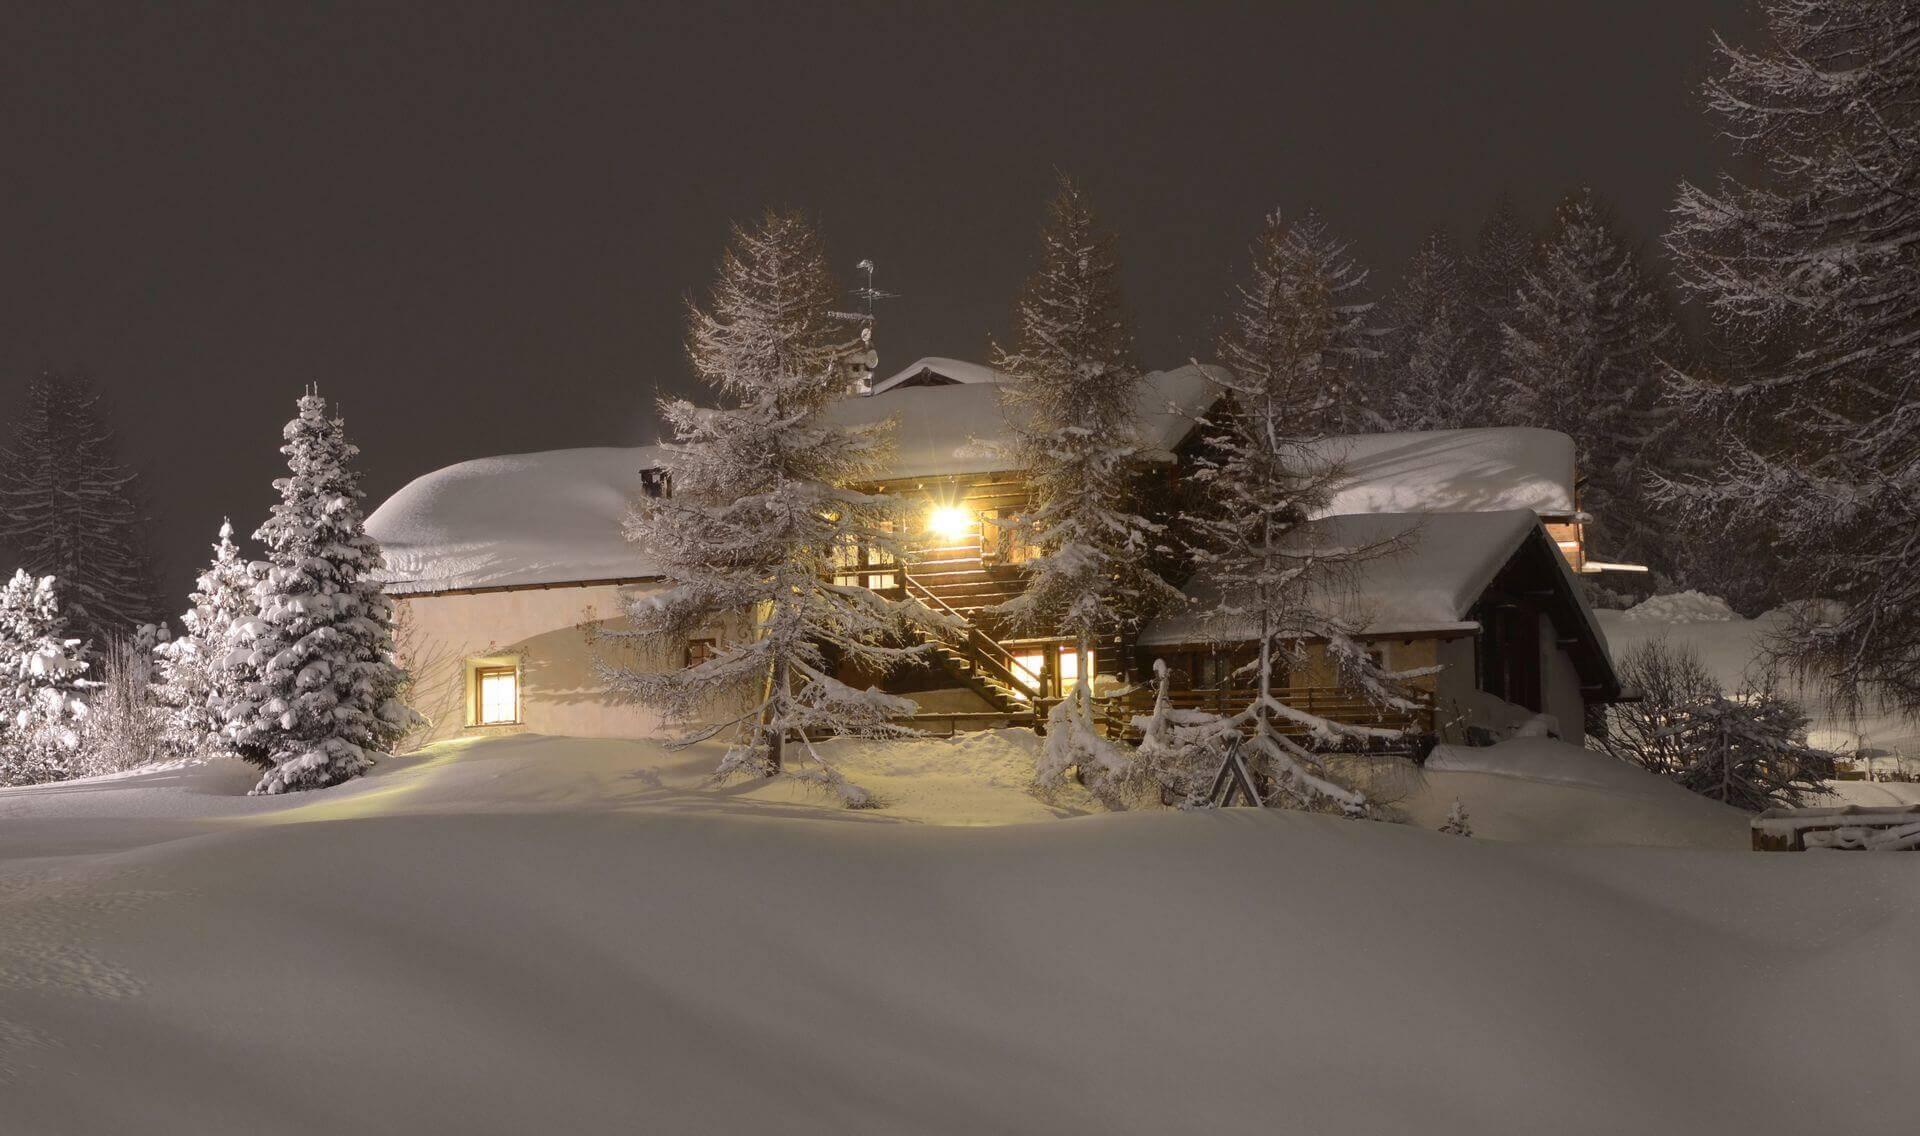 Vacanze invernali a livigno hotel le alpi for Piccoli piani di baite